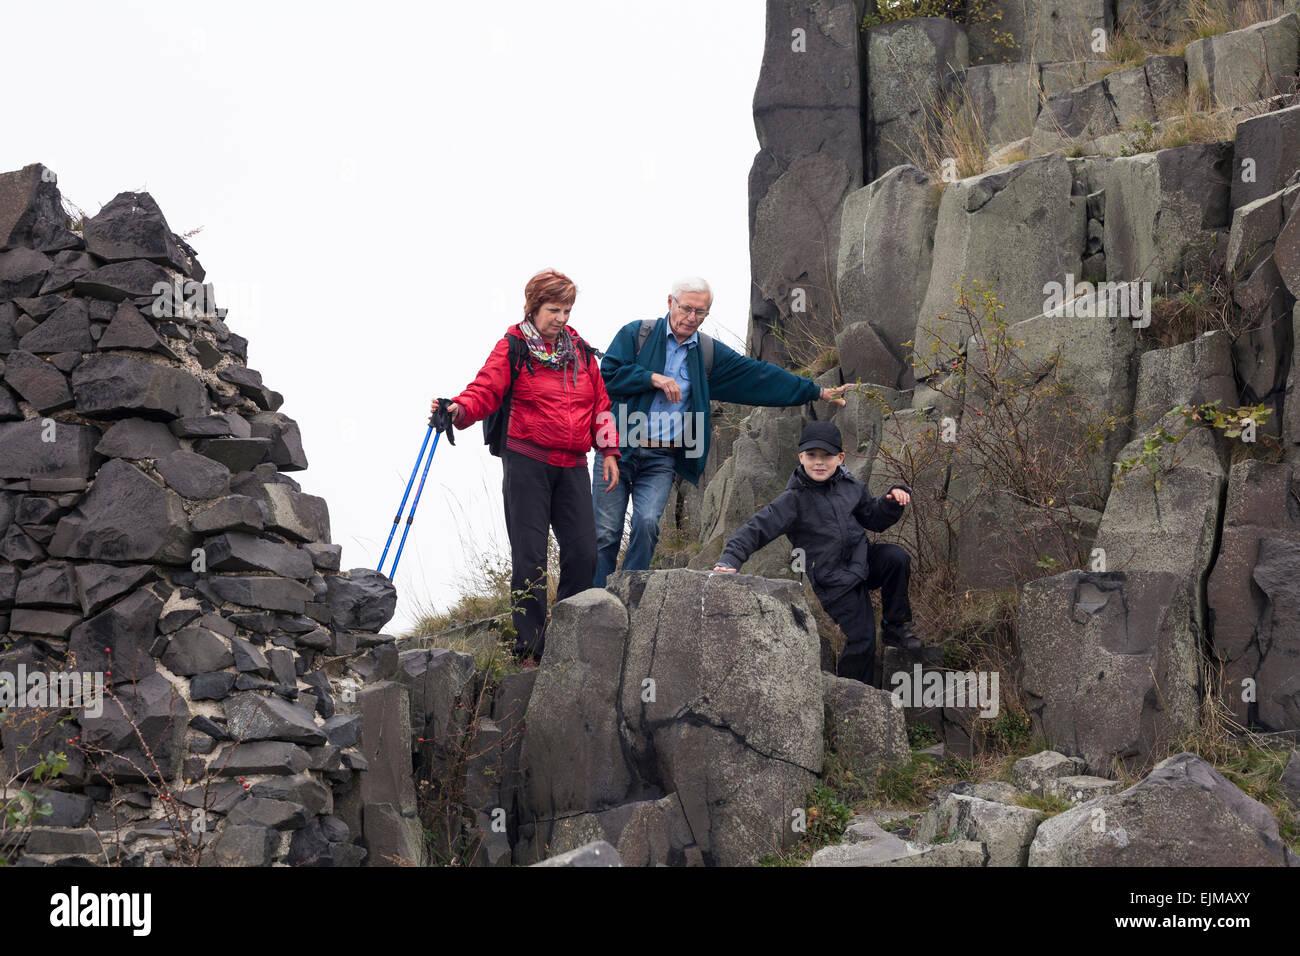 Senior paar und Kind junge trekking auf felsigem Gelände. Stockbild